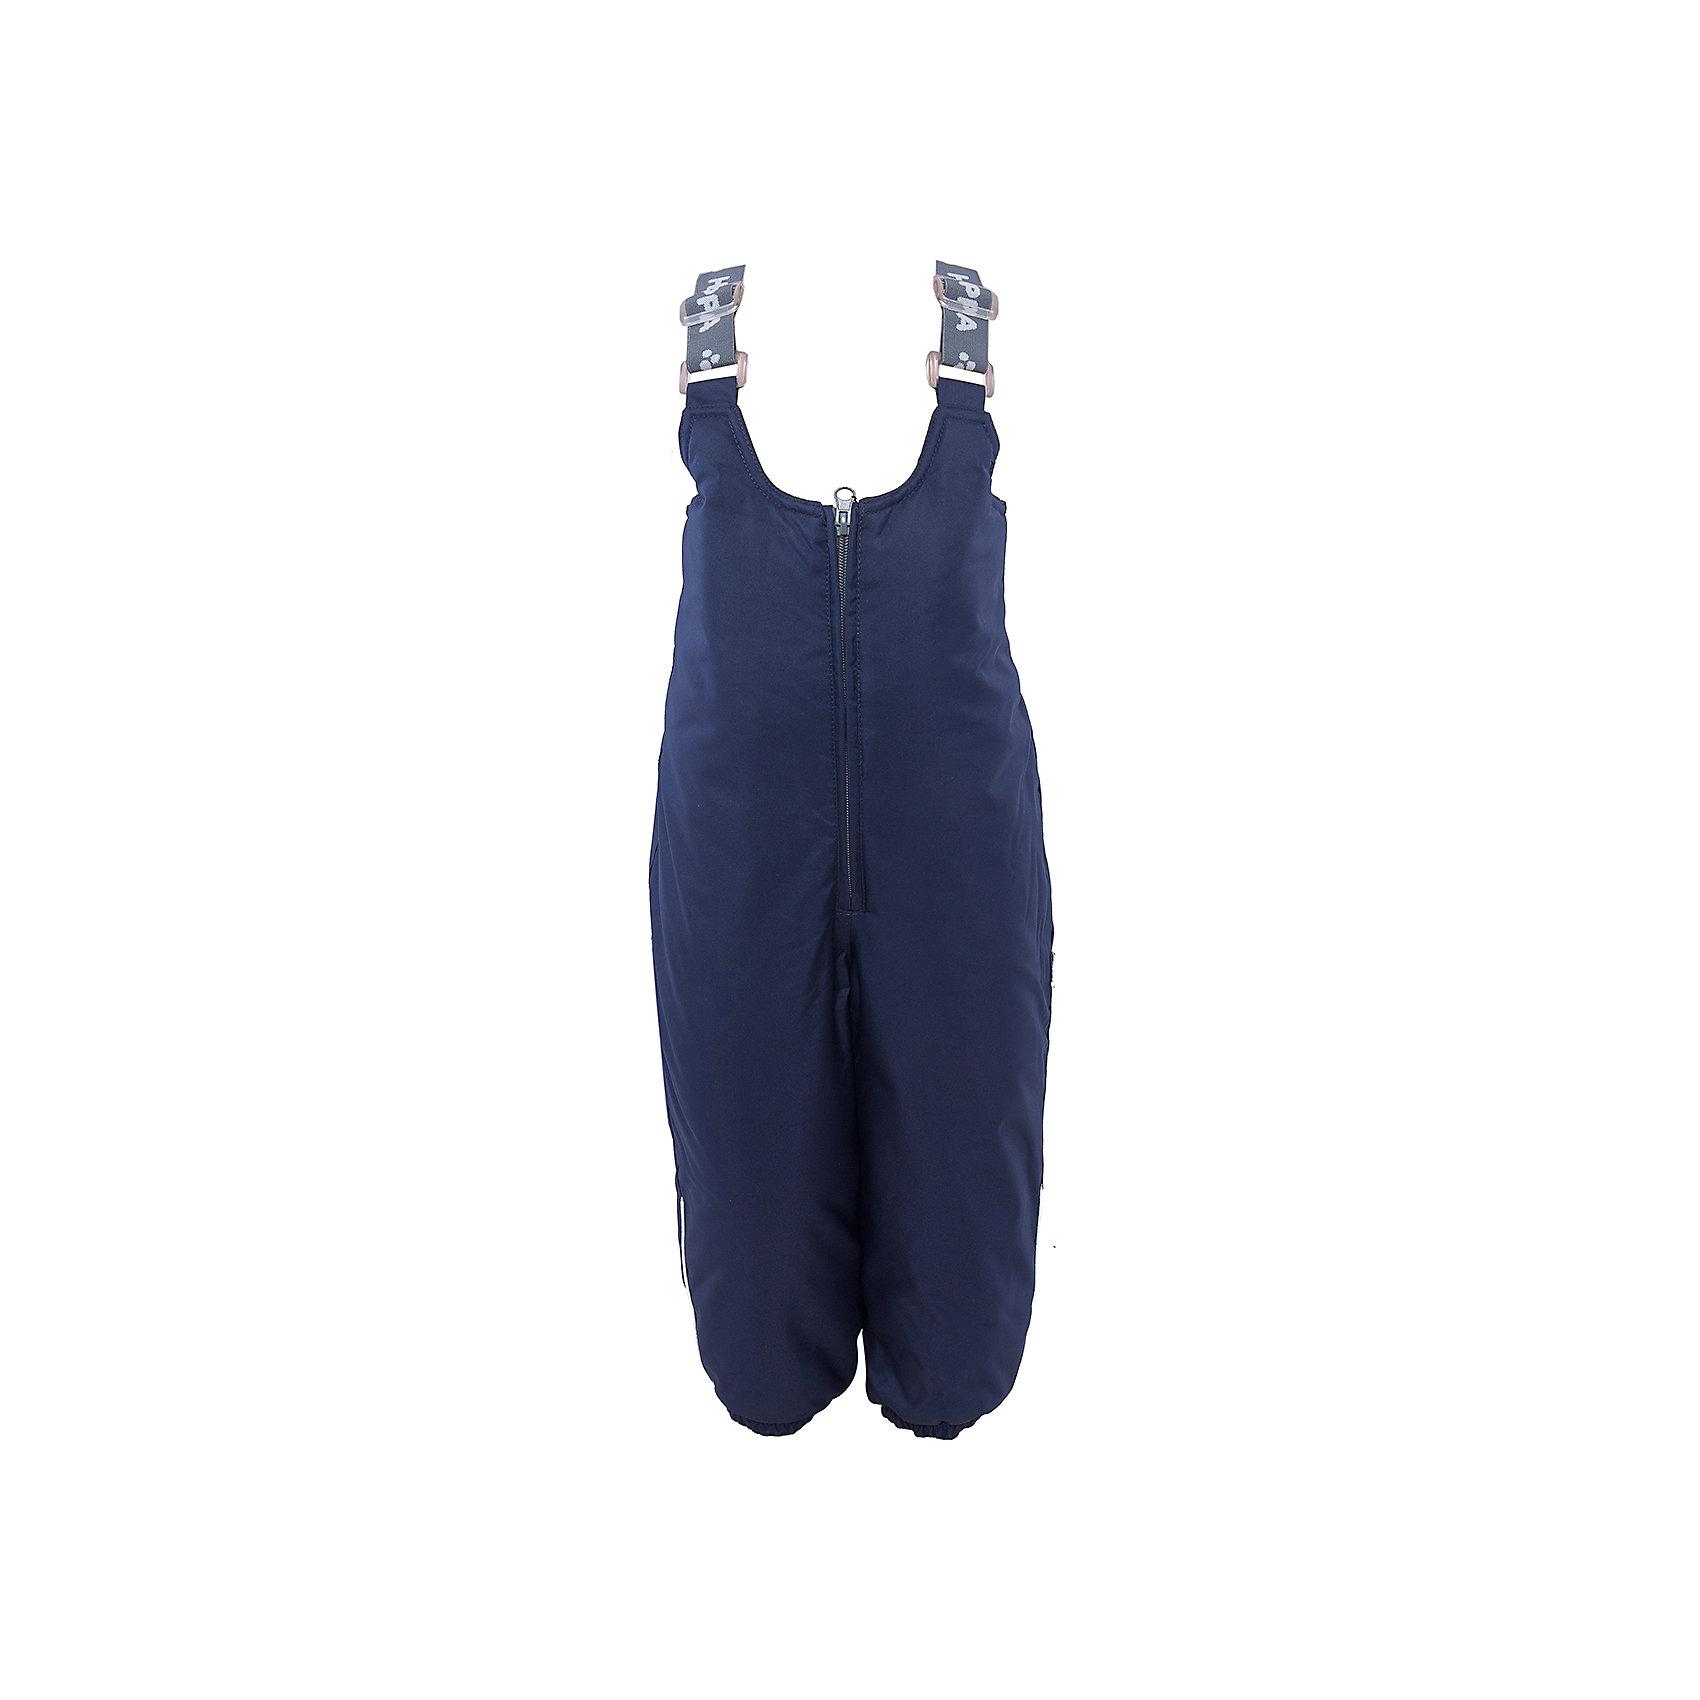 Брюки    HuppaВерхняя одежда<br>Зимние брюки SONNY Huppa(Хуппа).<br><br>Утеплитель: 100% полиэстер, 160 гр.<br><br>Температурный режим: до -20 градусов. Степень утепления – средняя. <br><br>* Температурный режим указан приблизительно — необходимо, прежде всего, ориентироваться на ощущения ребенка. Температурный режим работает в случае соблюдения правила многослойности – использования флисовой поддевы и термобелья.<br><br>Изготовлены из качественных долговечных материалов. Они прекрасно подойдут для прогулок зимой и активного отдыха.<br><br>Особенности:<br>-дышащая водоотталкивающая мембрана, которая не допустит попадание воды и ветра под одежду и выведет лишнюю влагу<br>-утеплитель HuppaTherm неприхотлив в уходе. Быстро восстанавливает объем<br>-фланелевая подкладка из натурального хлопка, приятного телу<br>-проклеенные водостойкой лентой швы<br>-регулируемые подтяжки<br>-резинка на манжетах и поясе<br>-светоотражающие элементы <br><br>Дополнительная информация:<br>Материал: 100% полиэстер<br>Подкладка: фланель - 100% хлопок <br>Цвет: темно-синий<br><br>Вы можете приобрести брюки SONNY Huppa(Хуппа) в нашем интернет-магазине.<br><br>Ширина мм: 215<br>Глубина мм: 88<br>Высота мм: 191<br>Вес г: 336<br>Цвет: синий<br>Возраст от месяцев: 12<br>Возраст до месяцев: 15<br>Пол: Мужской<br>Возраст: Детский<br>Размер: 80,104,86,92,98<br>SKU: 4928462